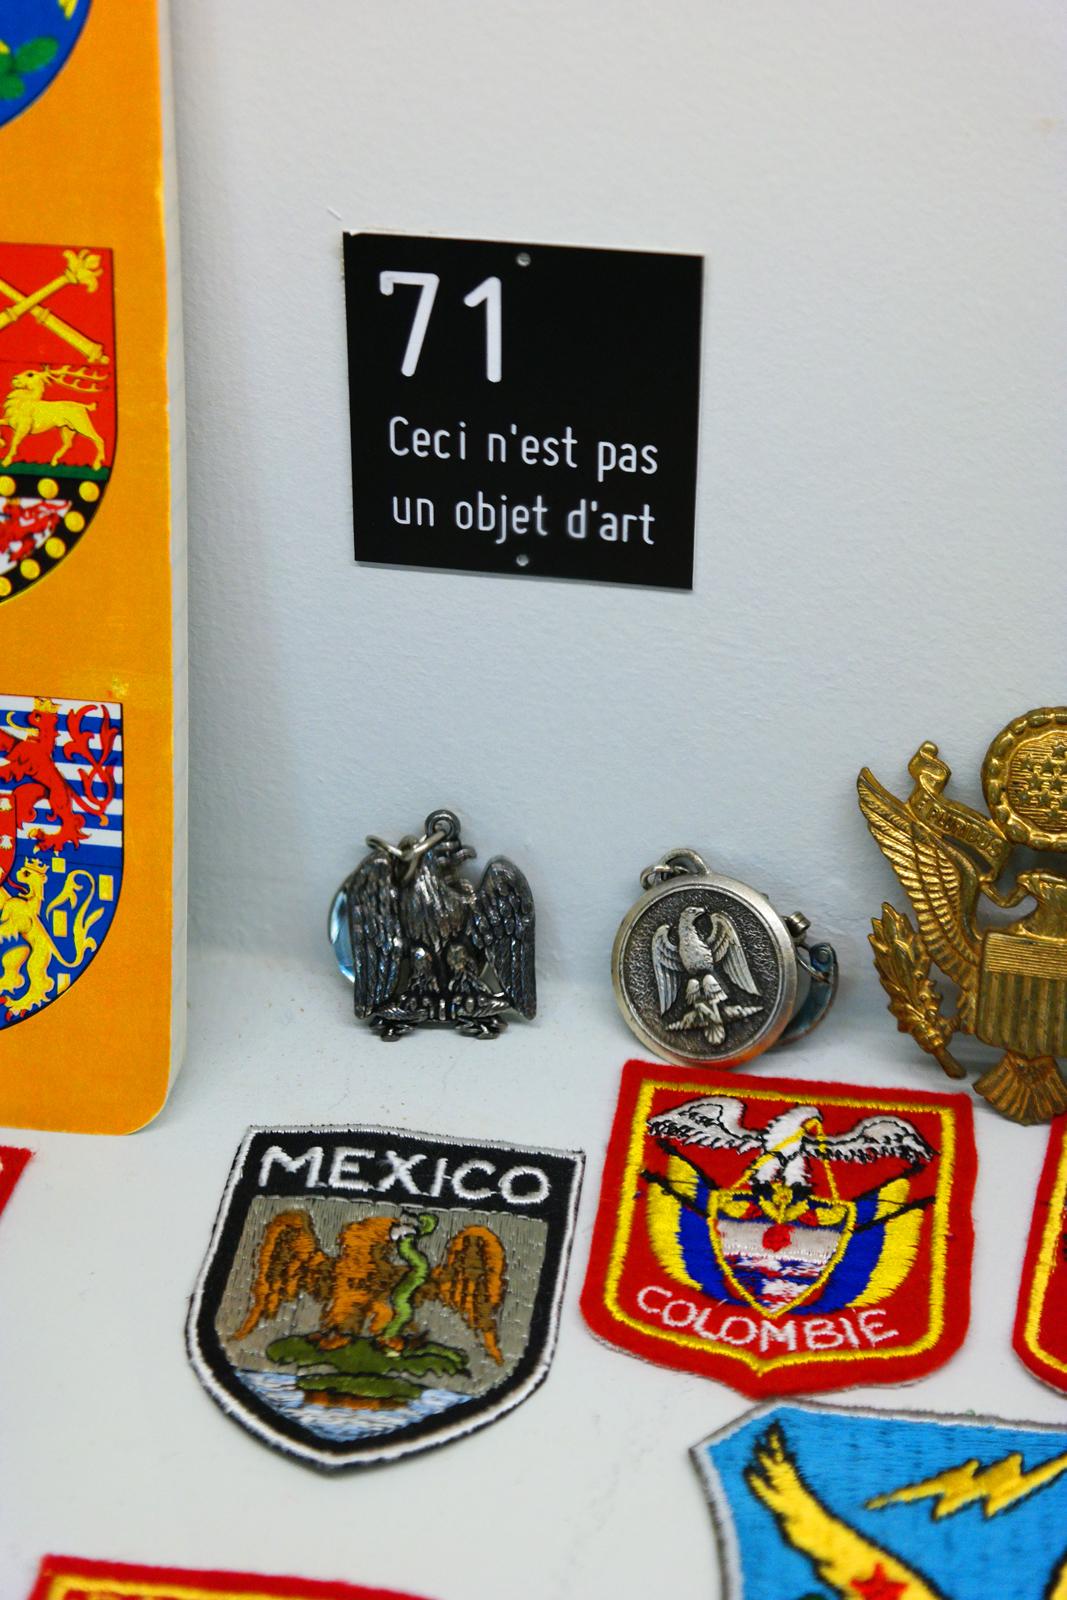 Ceci-n-est-pas-un-objet-d-art-Section-des-Figures-l-aigle-de-l-oligocène-à-nos-jours-1972-Marcel-Broodthaers-exposition-Monnaie-de-Paris-Musée-d-art-moderne-Département-des-Aigles